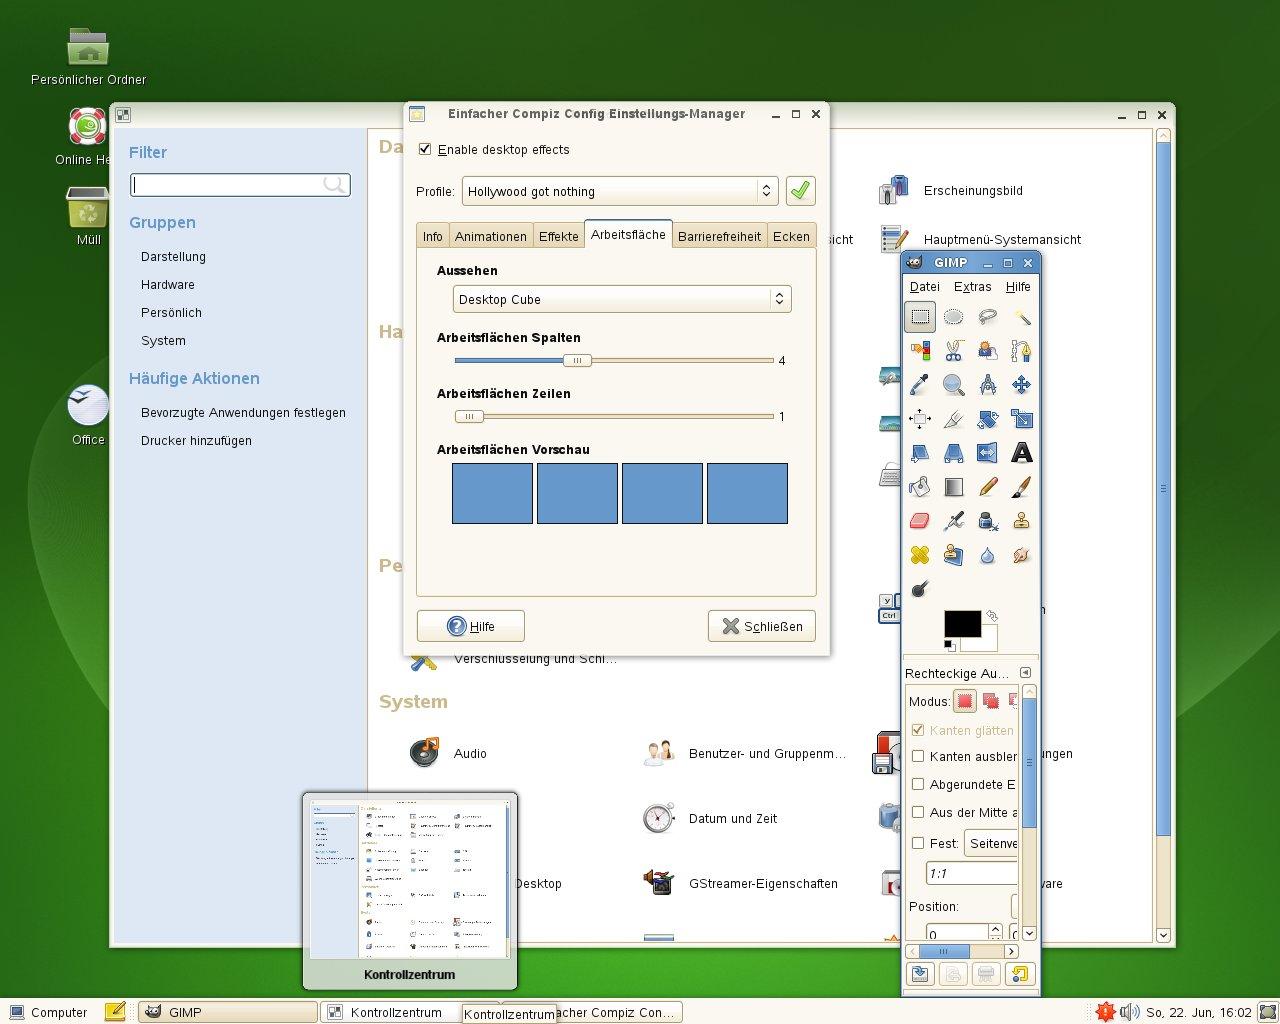 Test: OpenSuse 11.0 mit KDE 4 - Compiz-Vorschau auf minimiertes Fenster